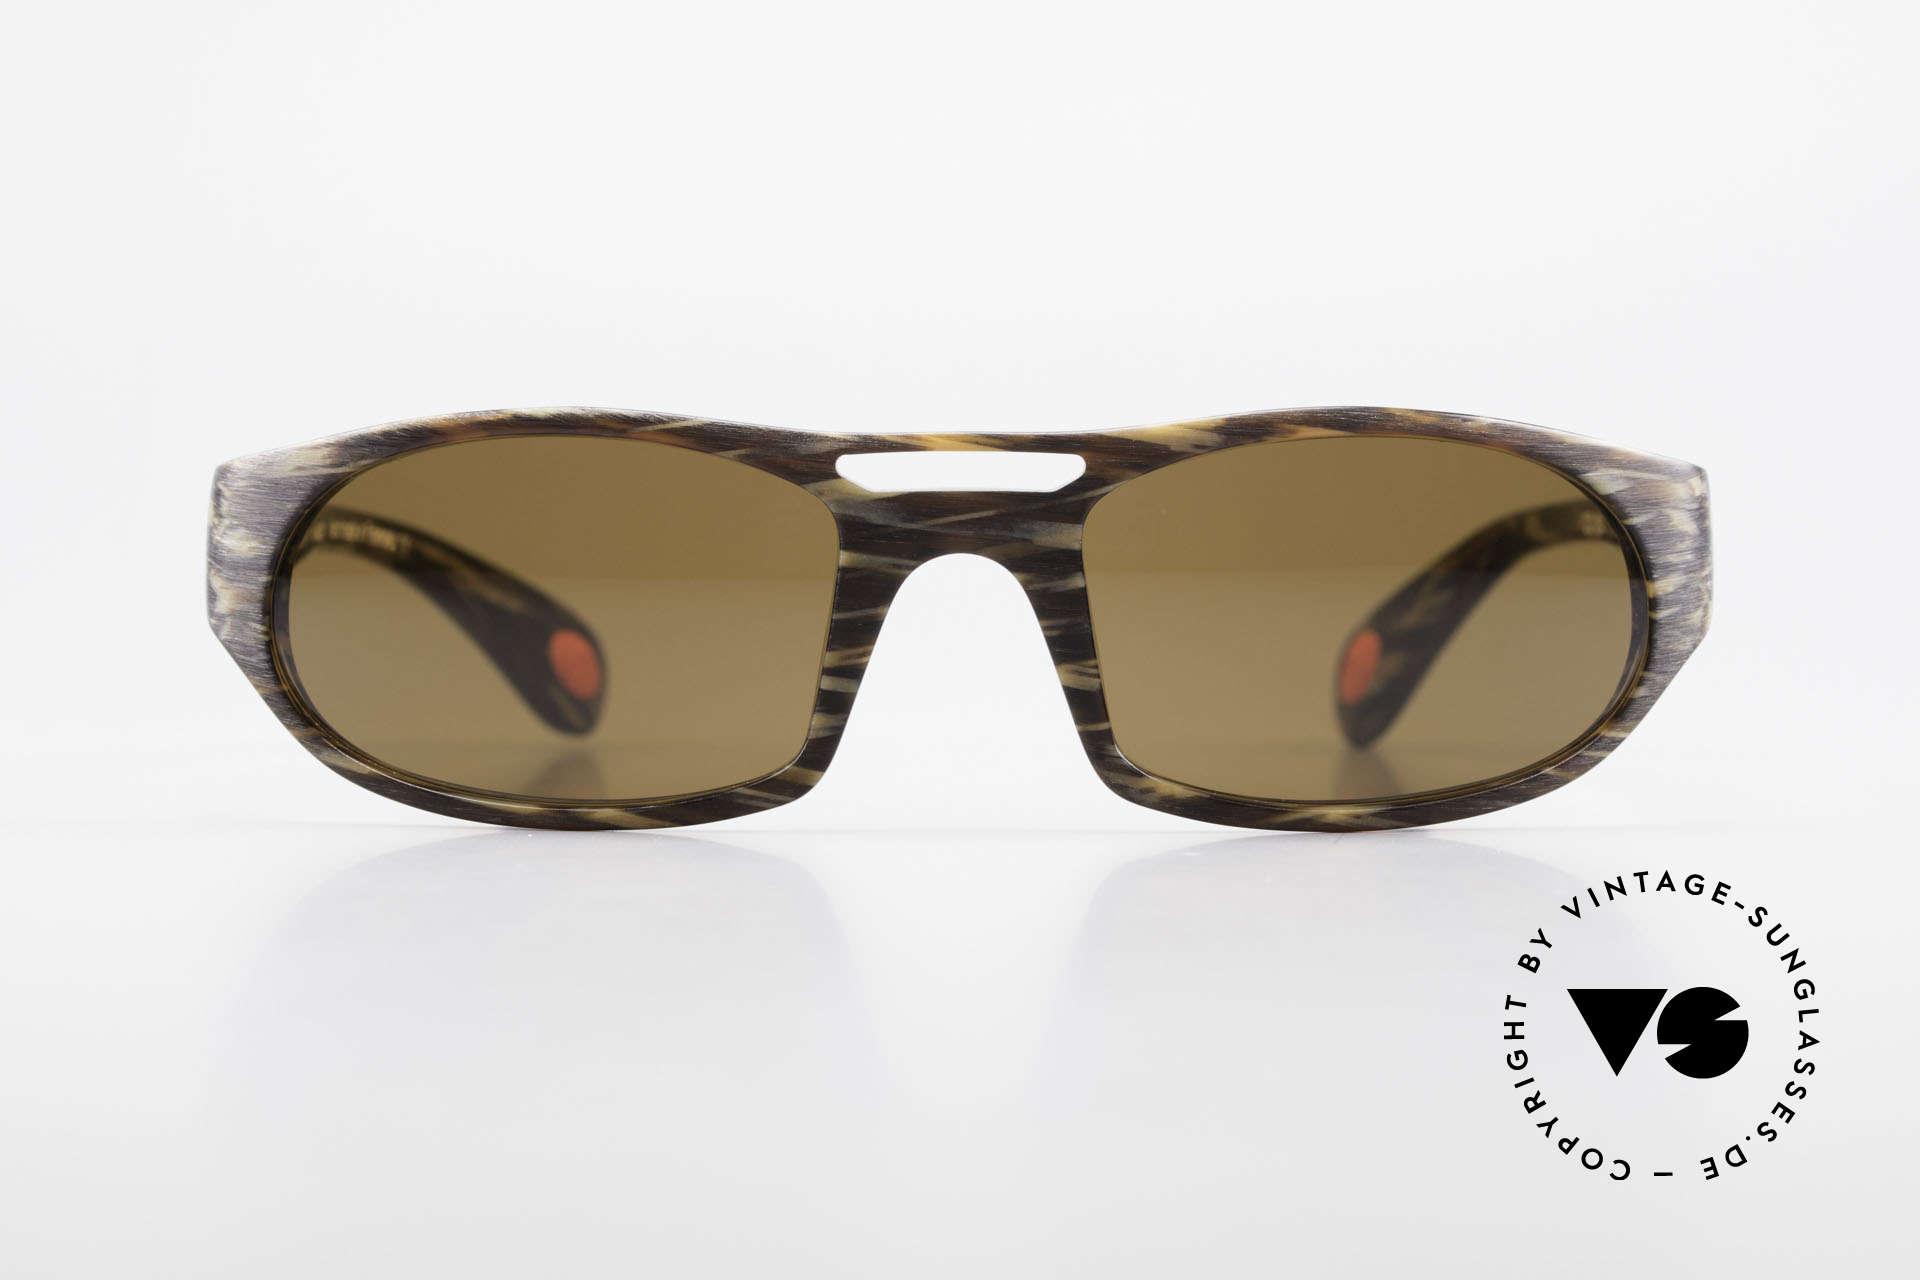 Bugatti 220 Designer Luxus Sonnenbrille, absolute Top-Qualität sämtlicher Komponenten, Passend für Herren